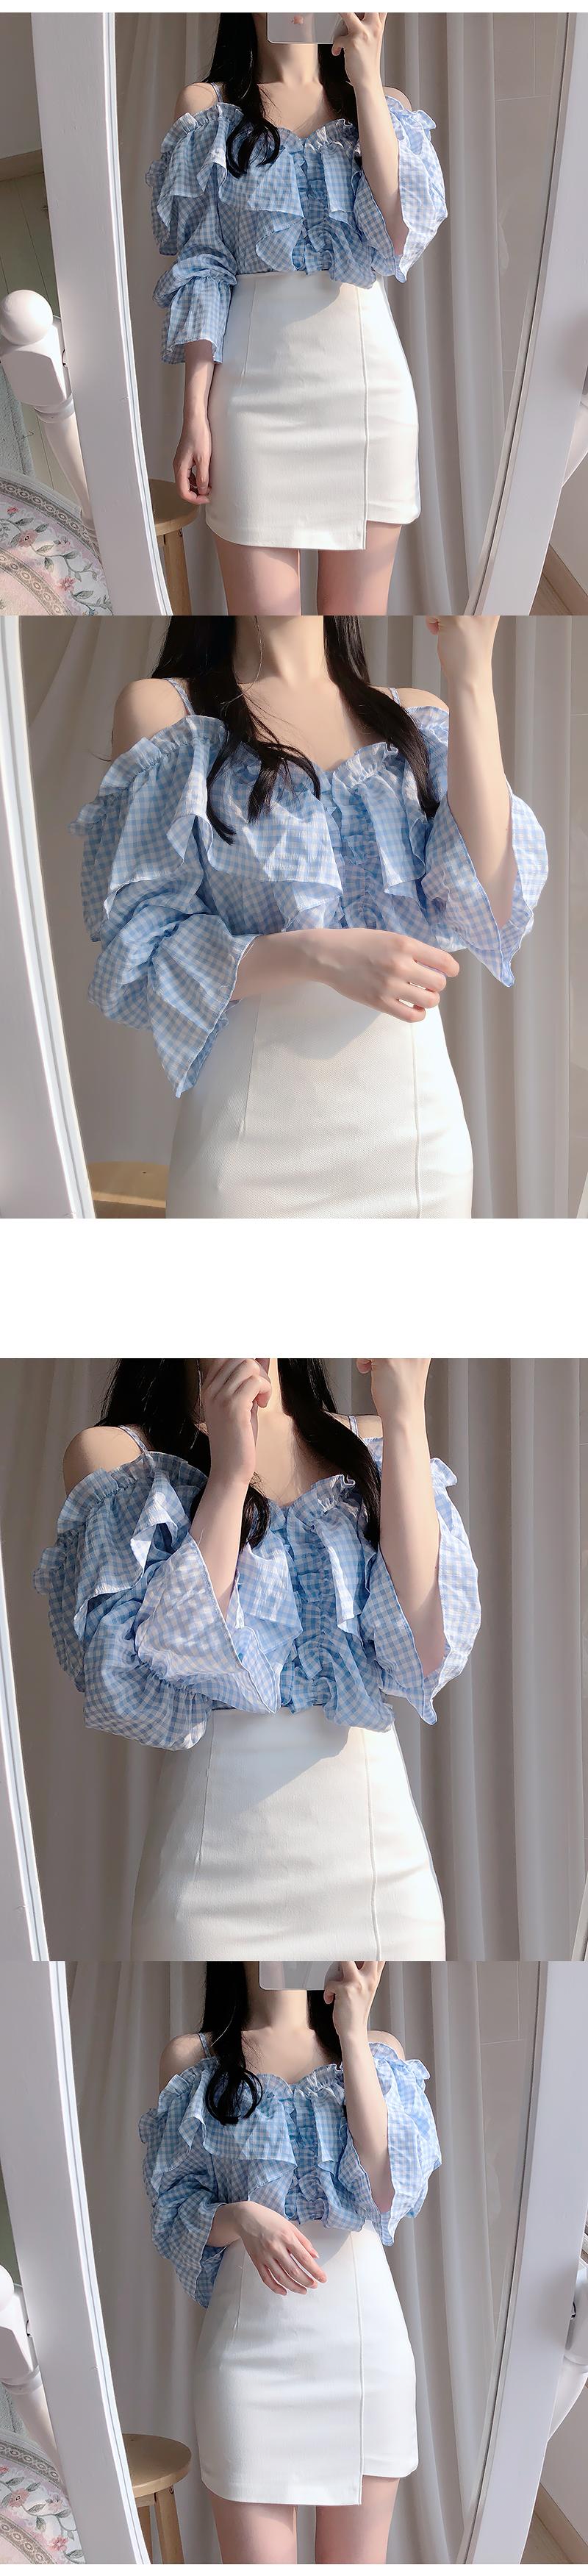 Wiki Check Off Shoulder Blouse